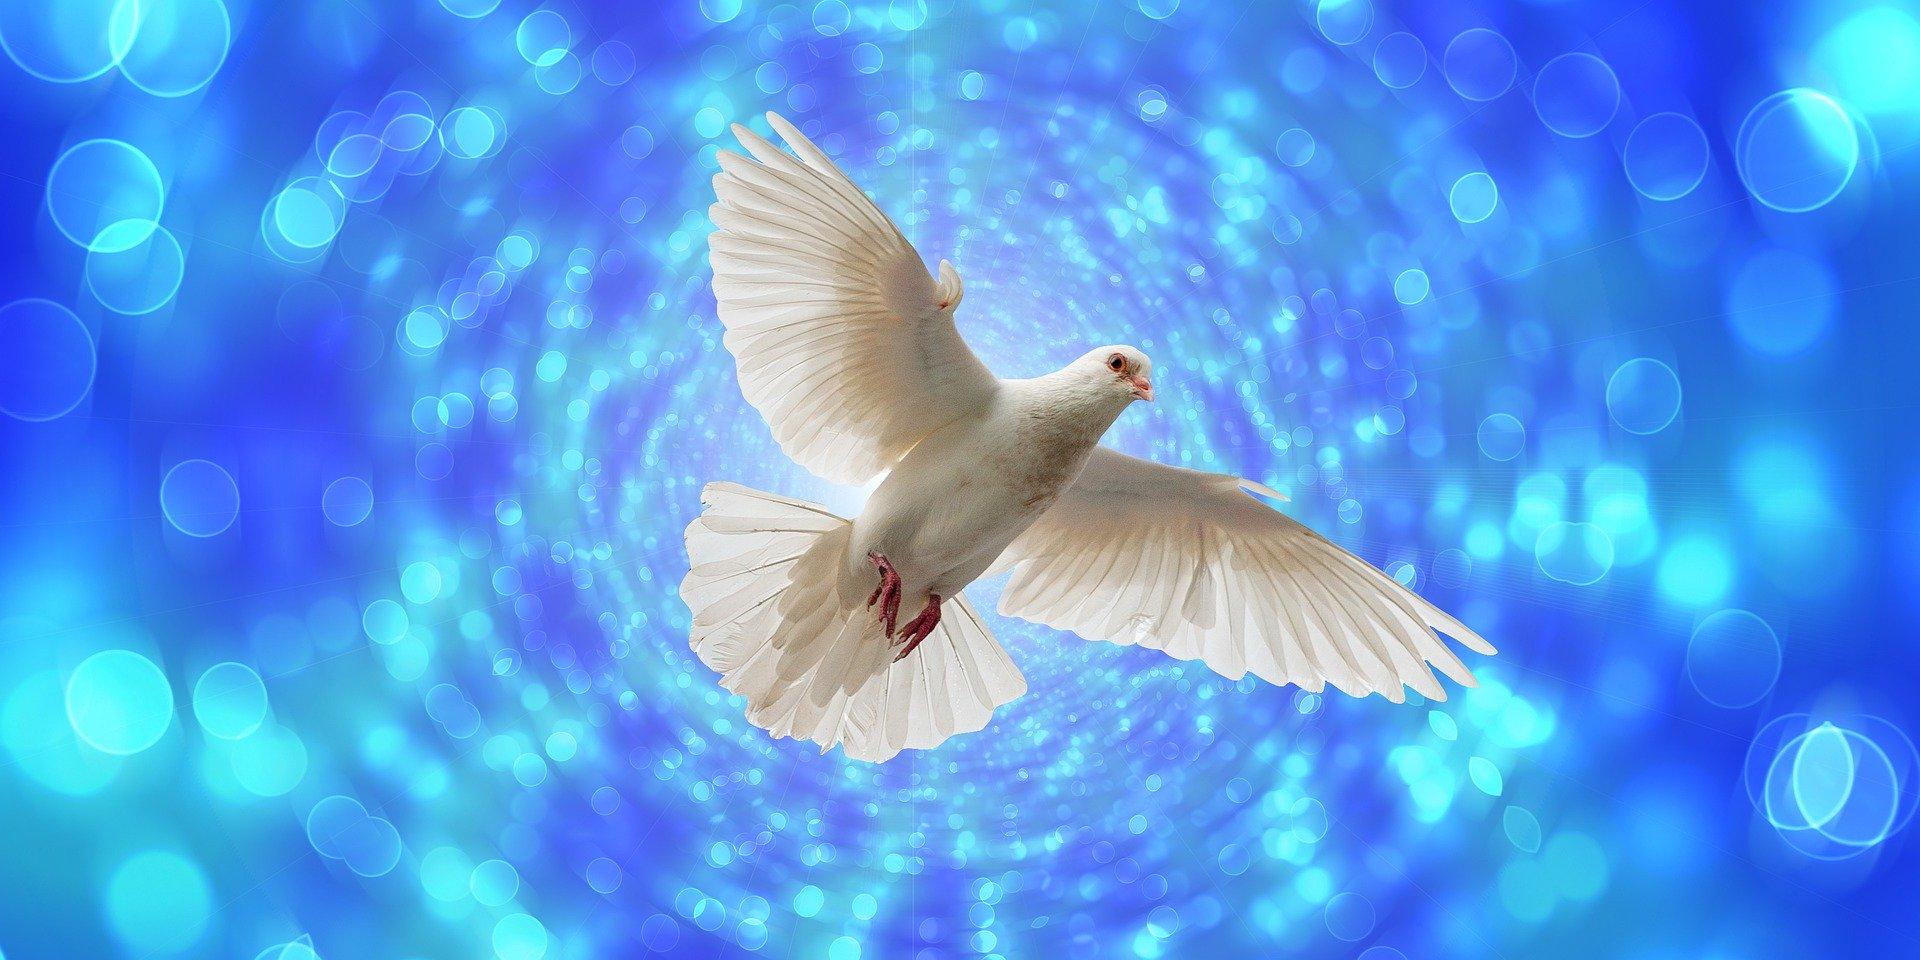 Niedziela Zesłania Ducha Świętego